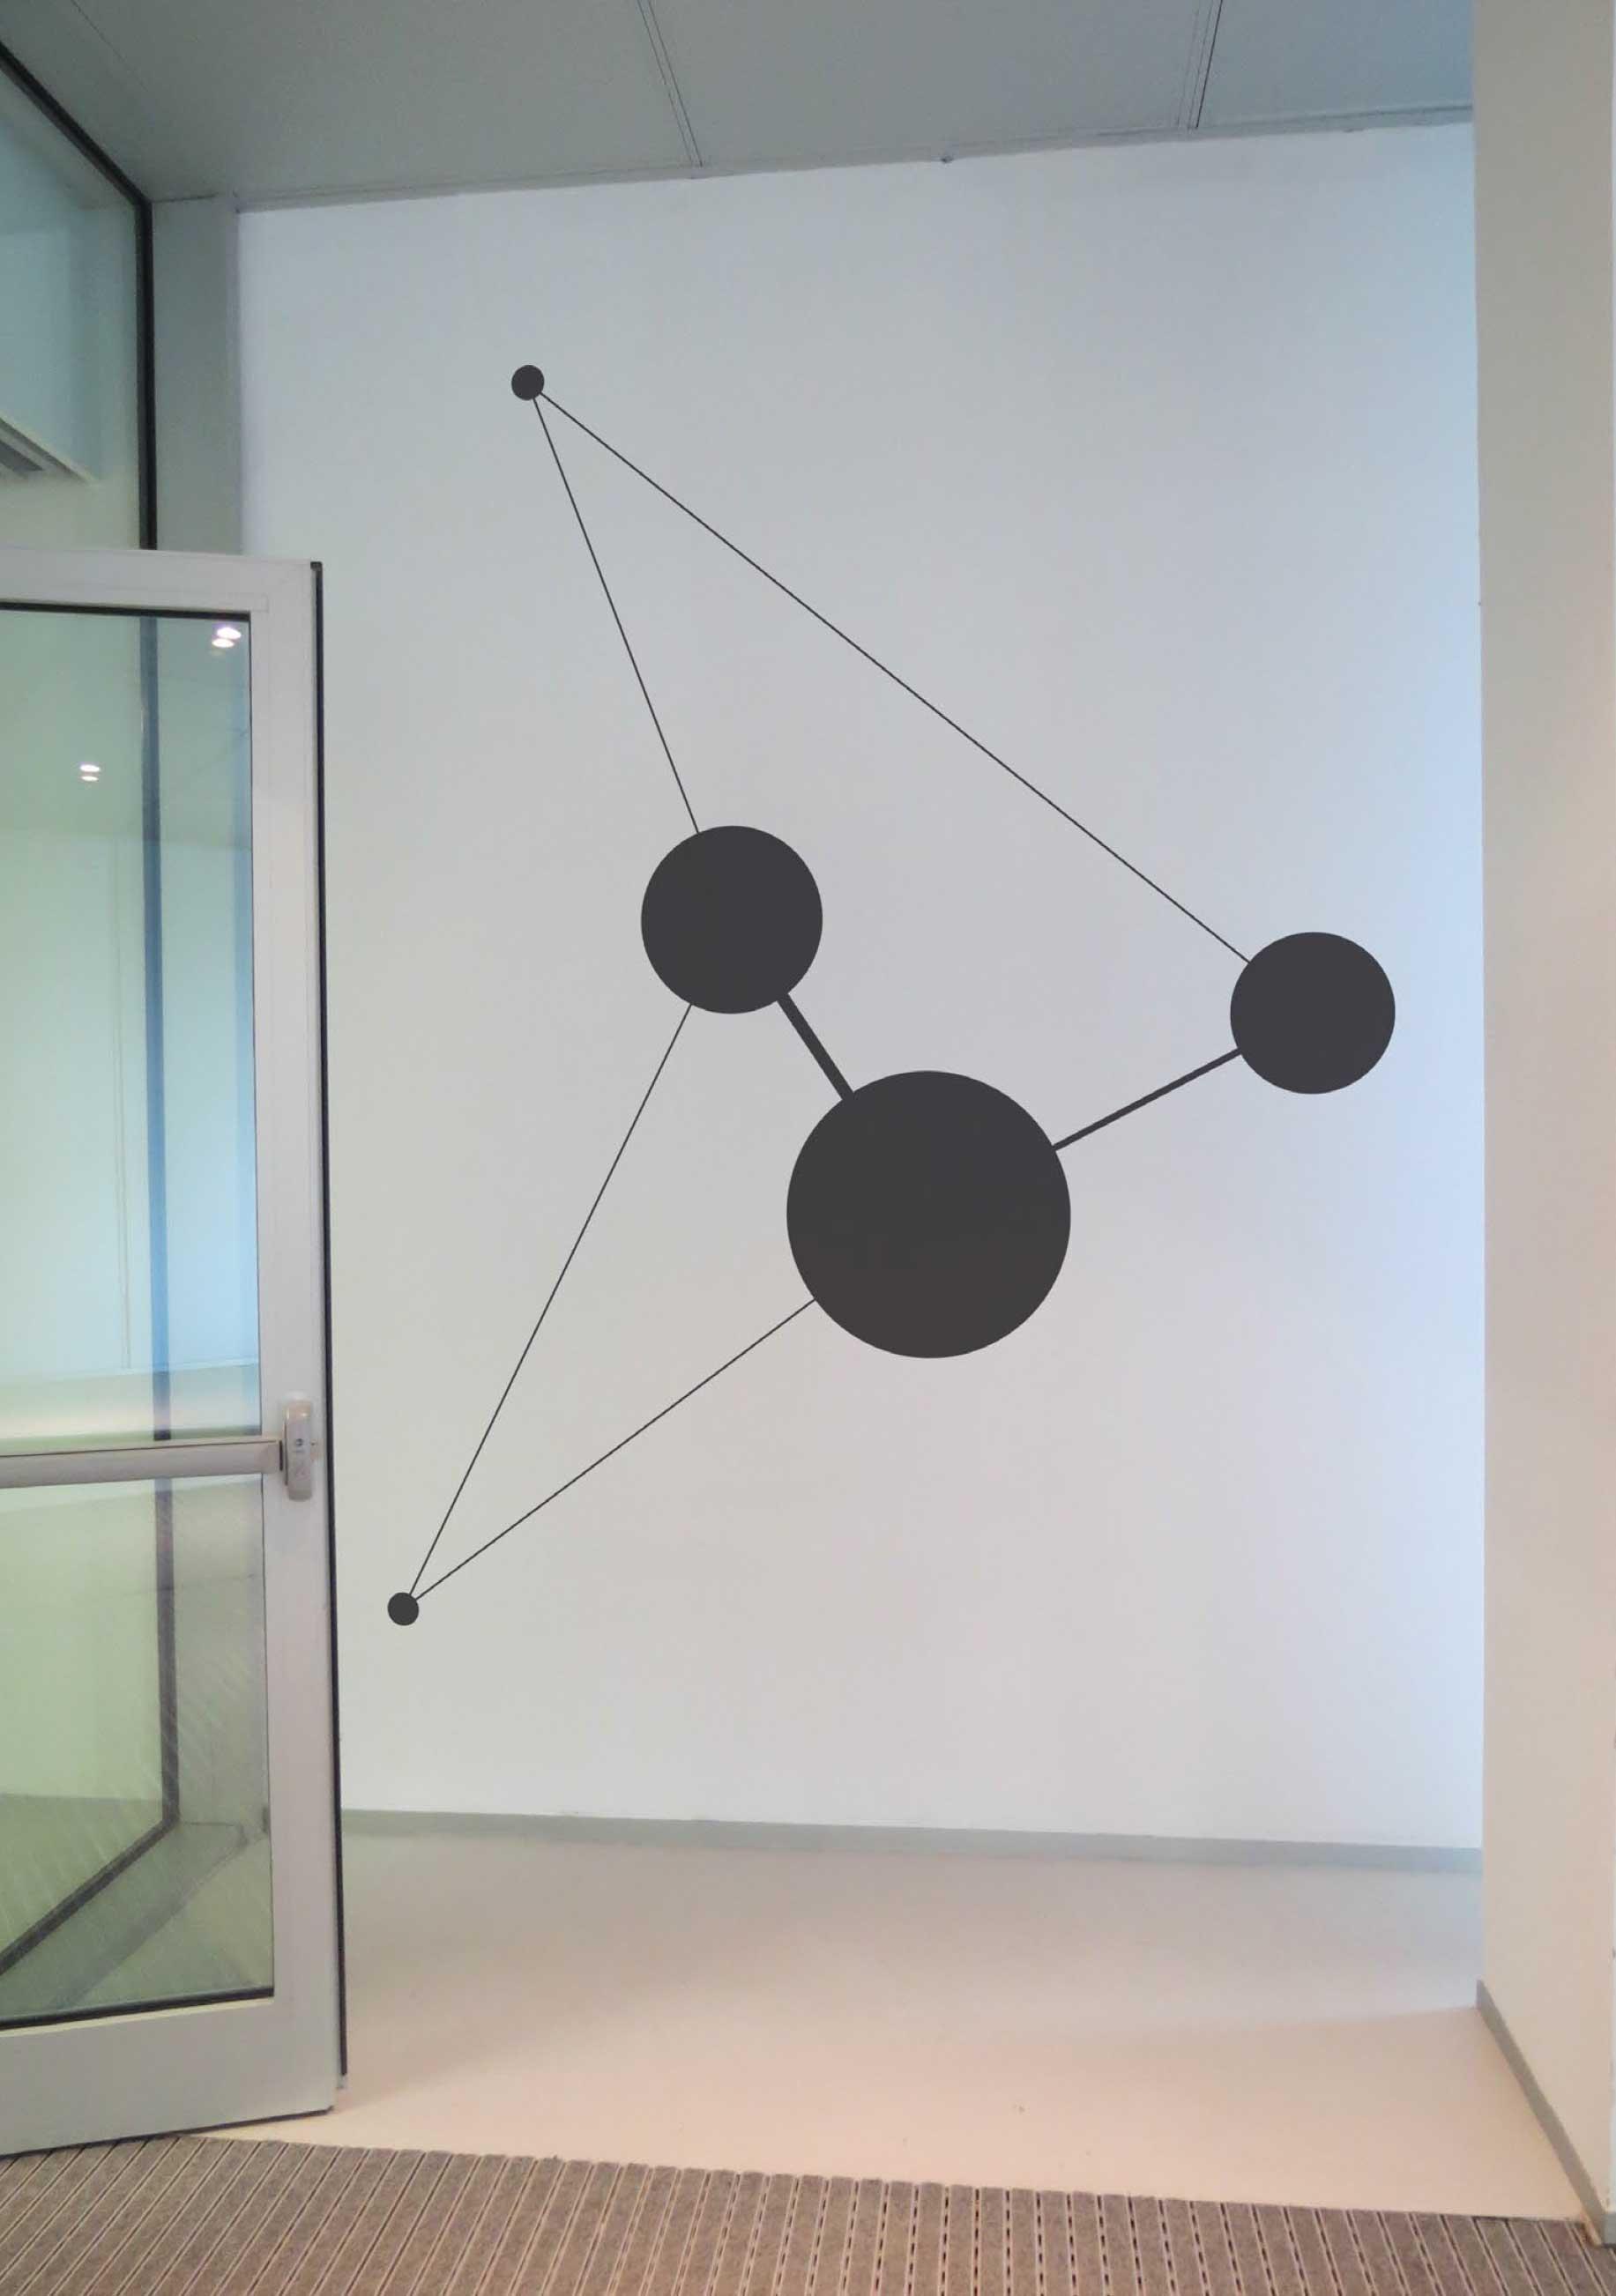 Señalética de La Terminal - Gráfico